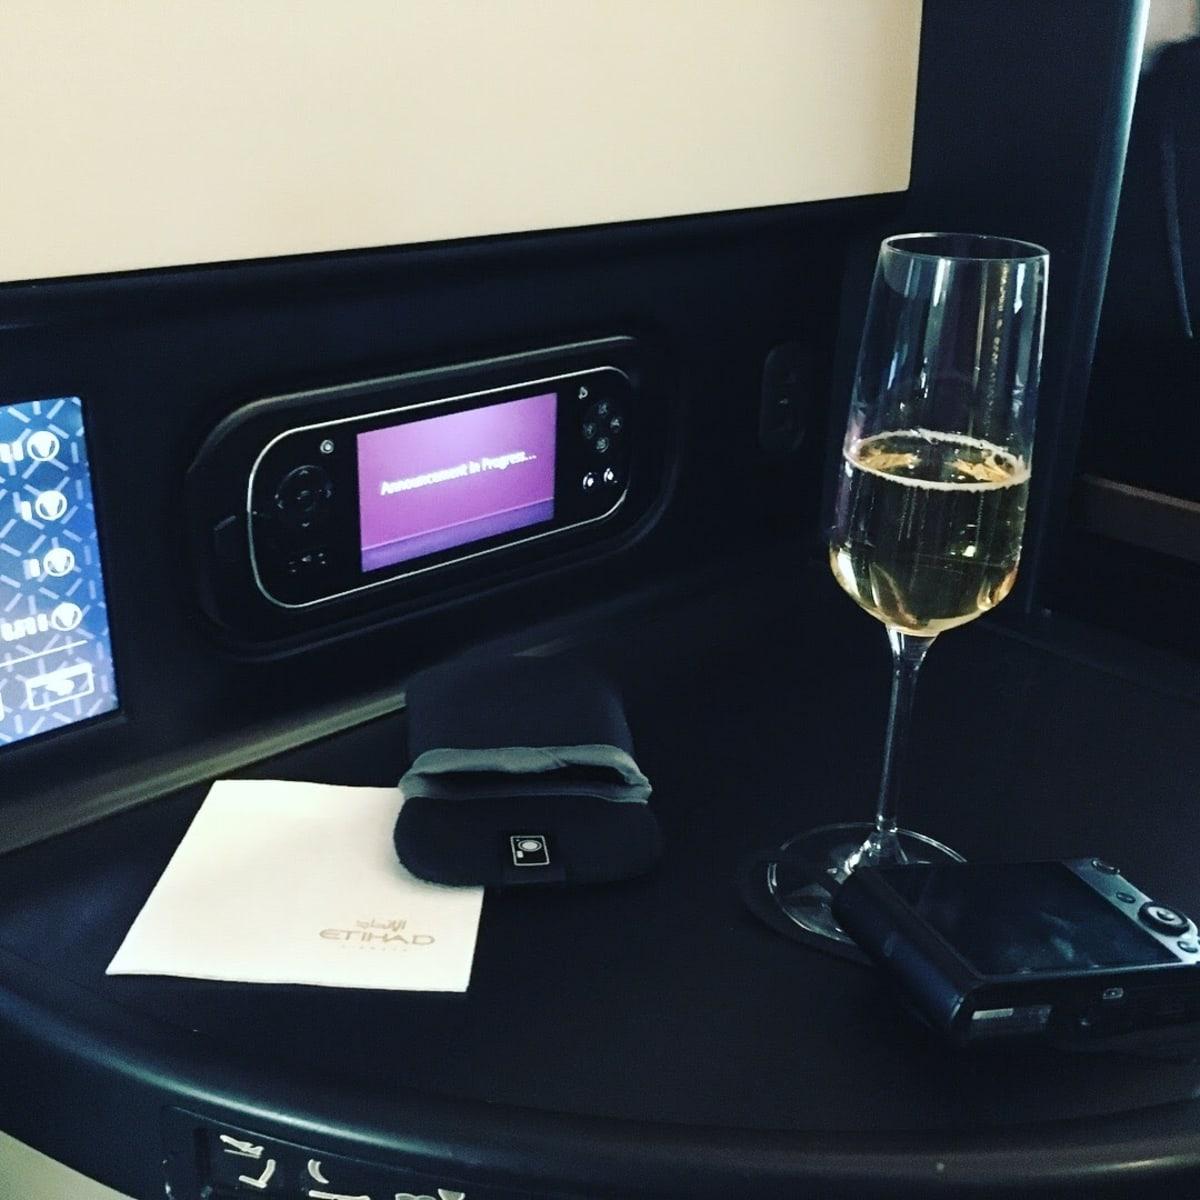 成田発 エティハド航空 最新のB787にてAbu Dhabi経由 でアテネへ。 Cクラスへアップグレード。